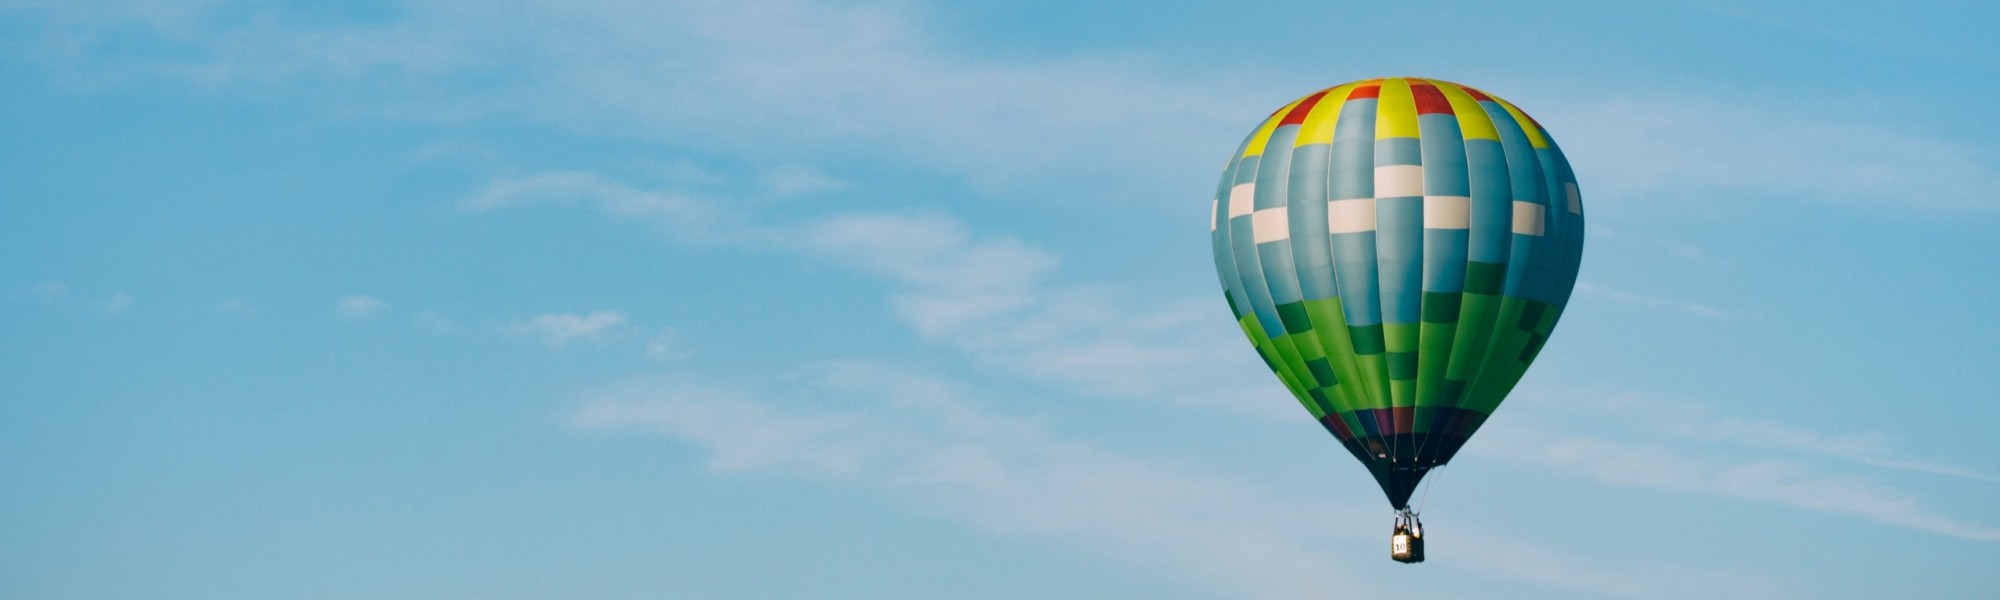 Kuvassa on värikäs kuumailmapallo sinisellä taivaalla.